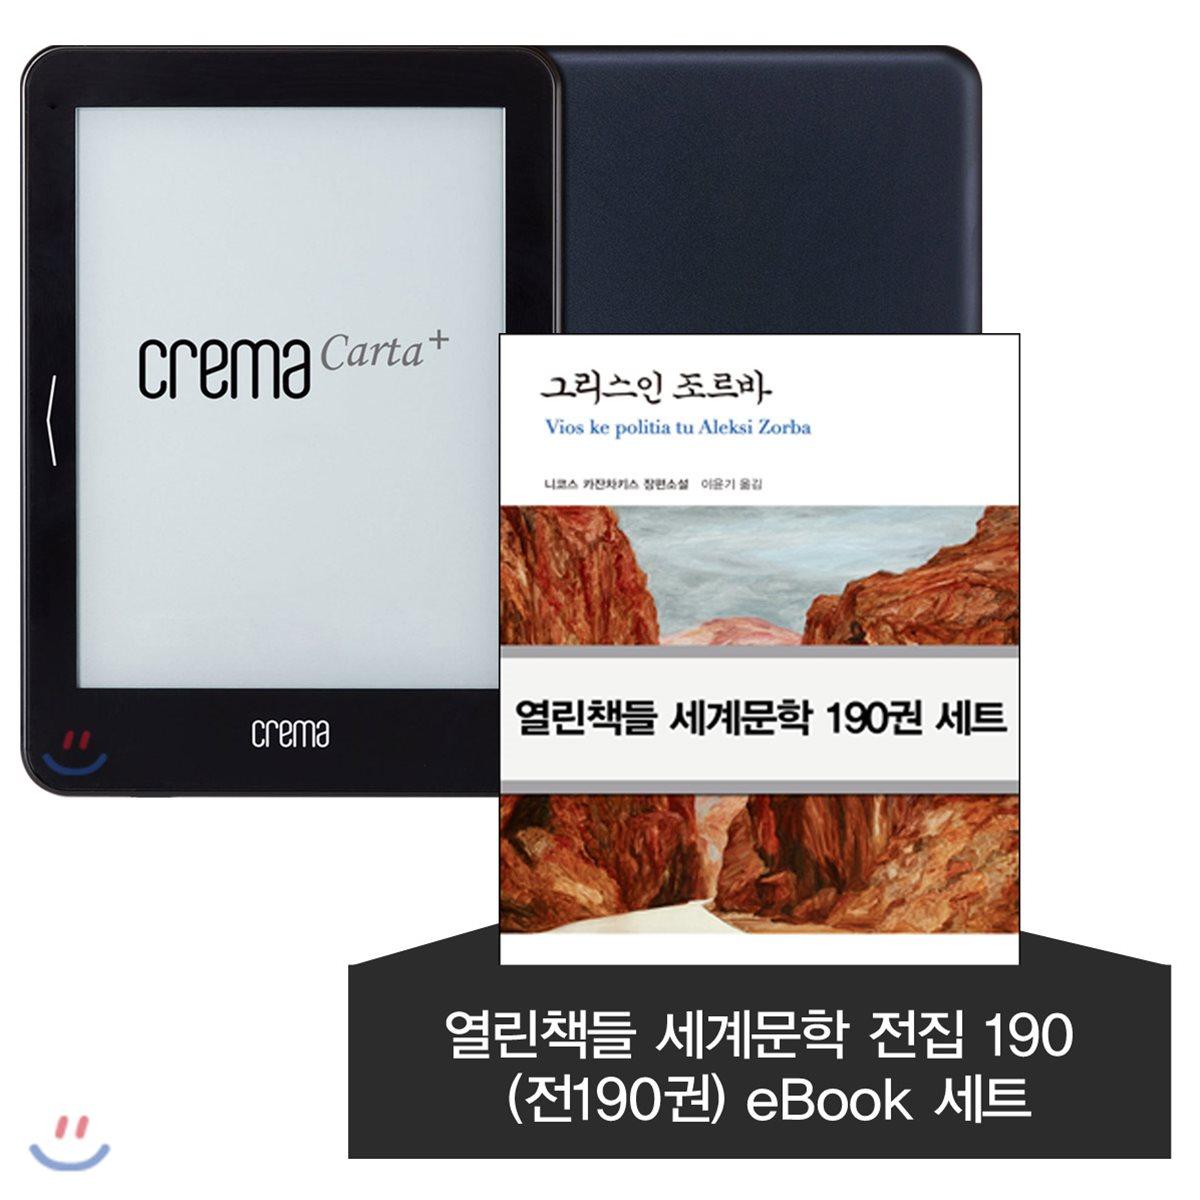 예스24 크레마 카르타 플러스 + 열린책들 세계문학 전집 190 (전190권) eBook 세트